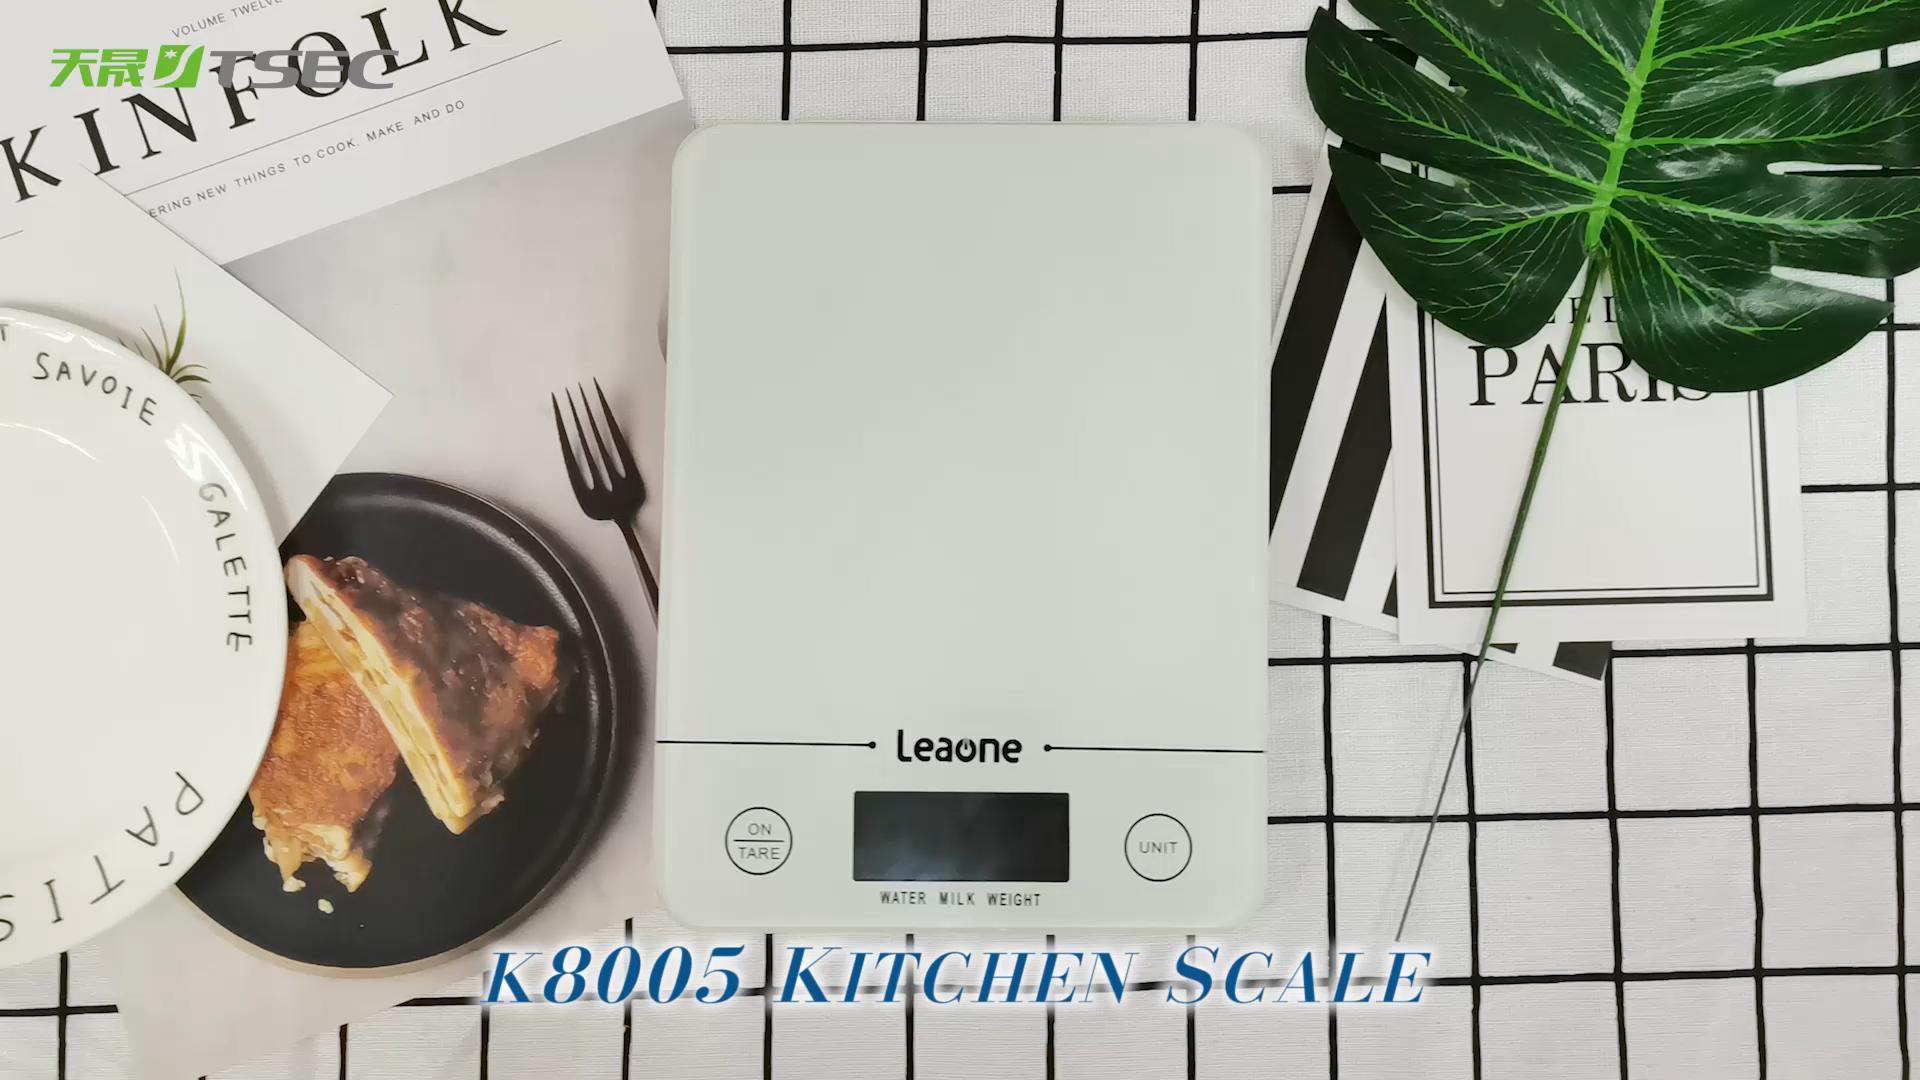 주방 규모 건강 식품 야채 무게 강화 유리 ABS 가정용 주방 전자 저울